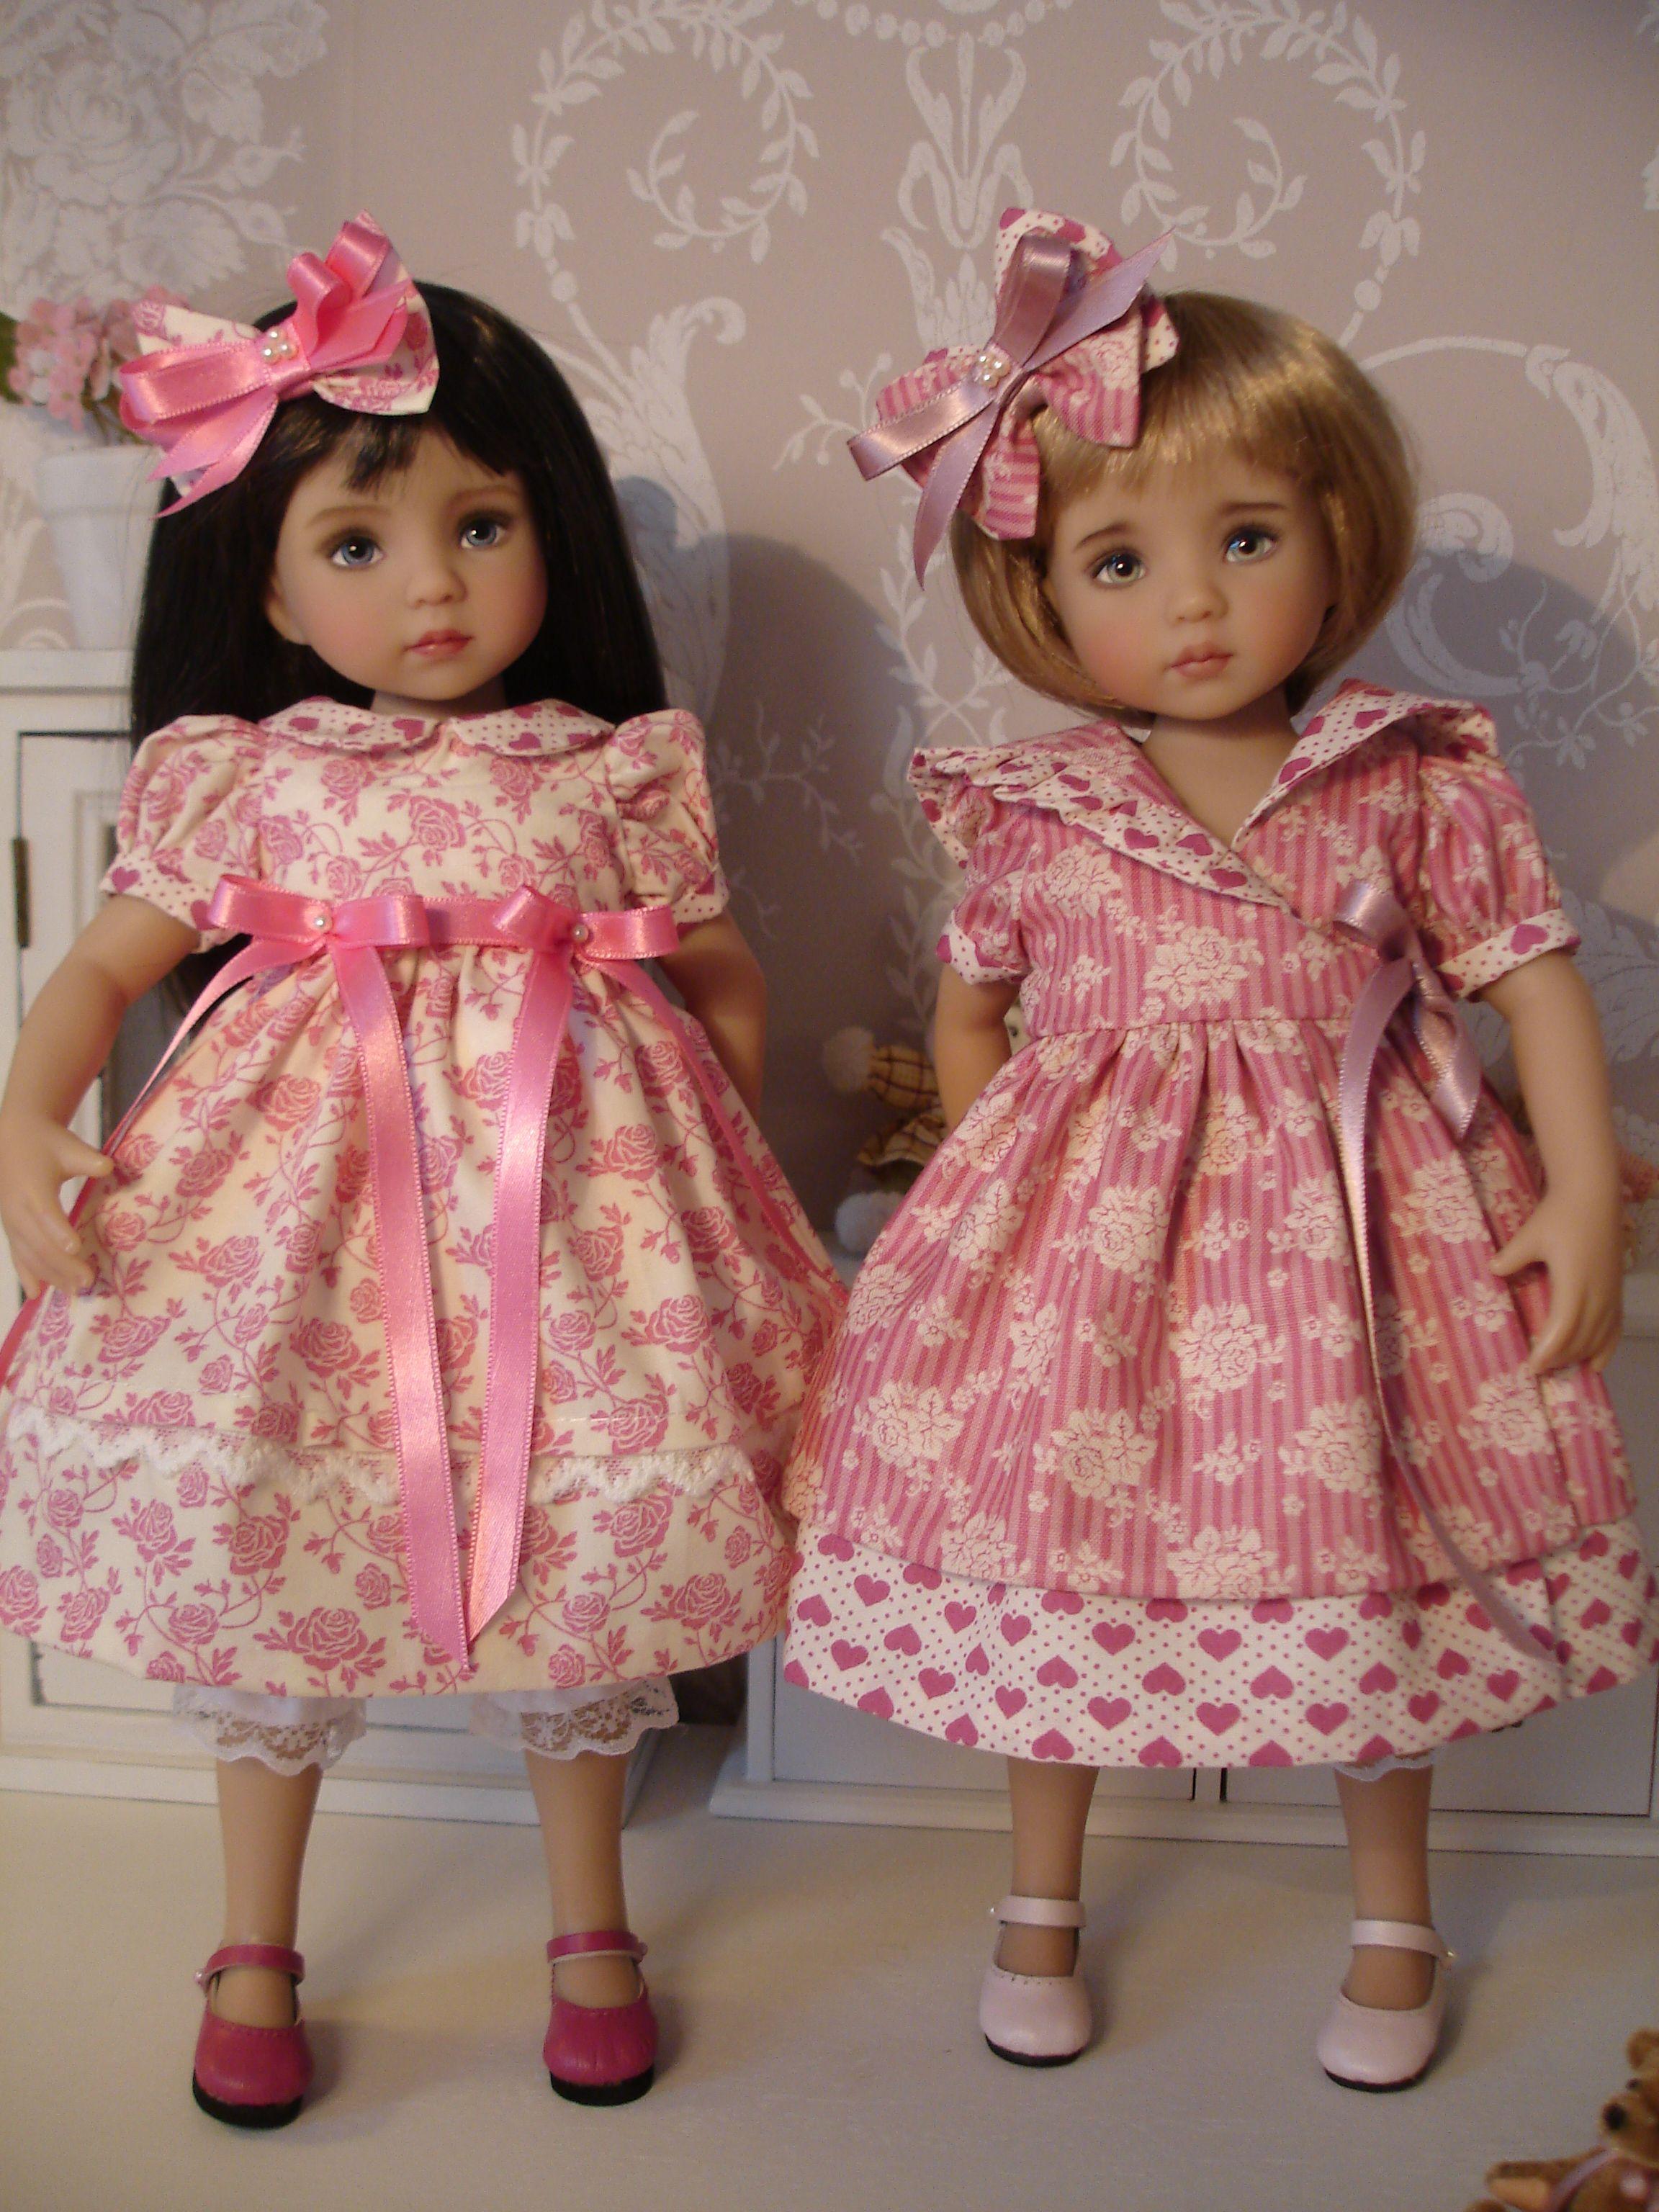 Mes petites robes romantiques...